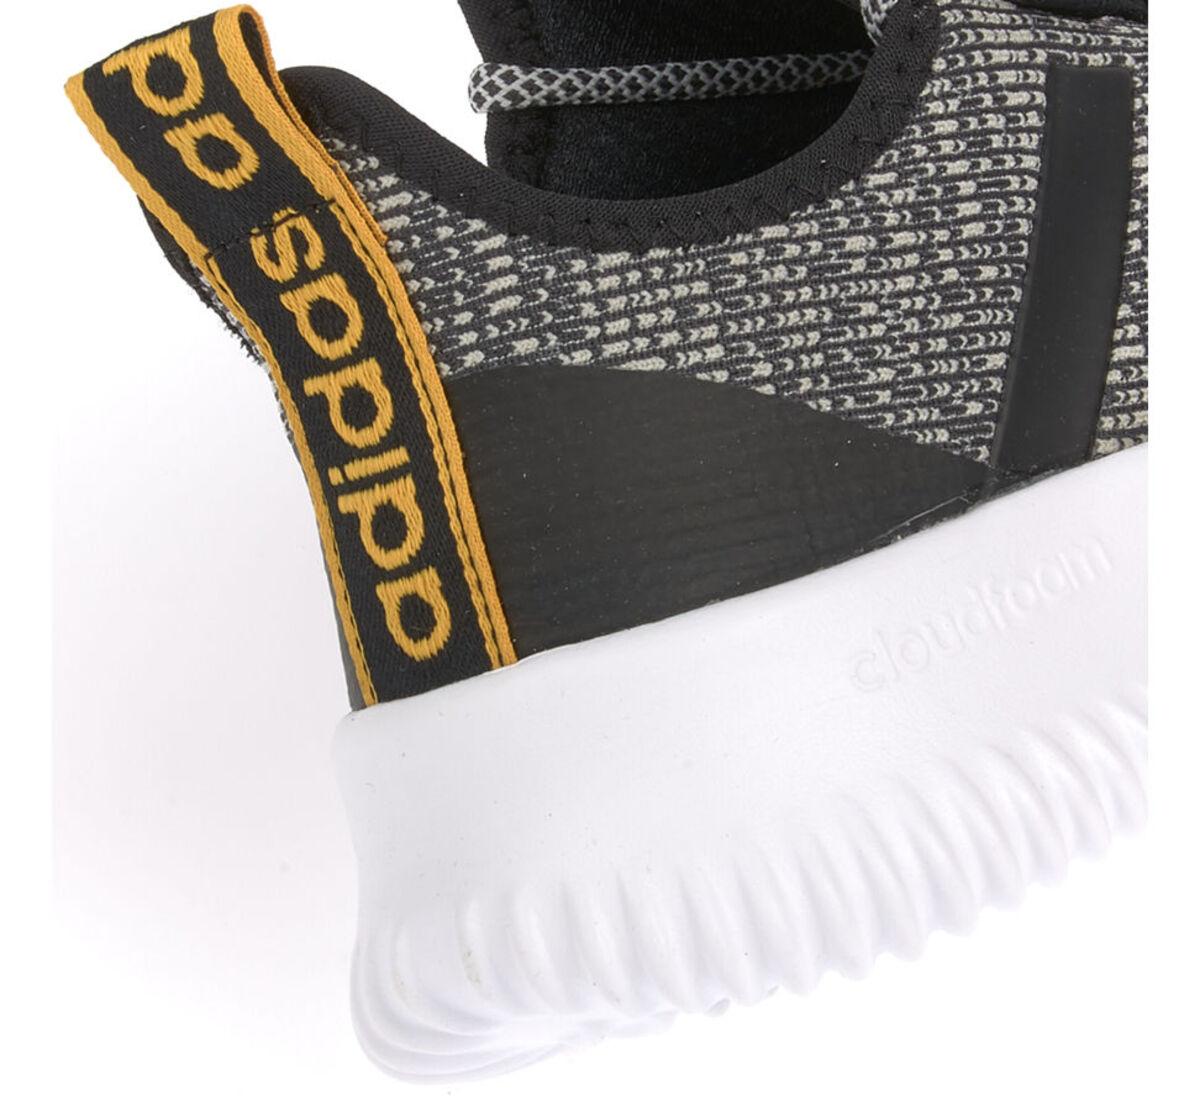 Bild 4 von Adidas Sneaker - KAPTIR (Gr. 36-39)